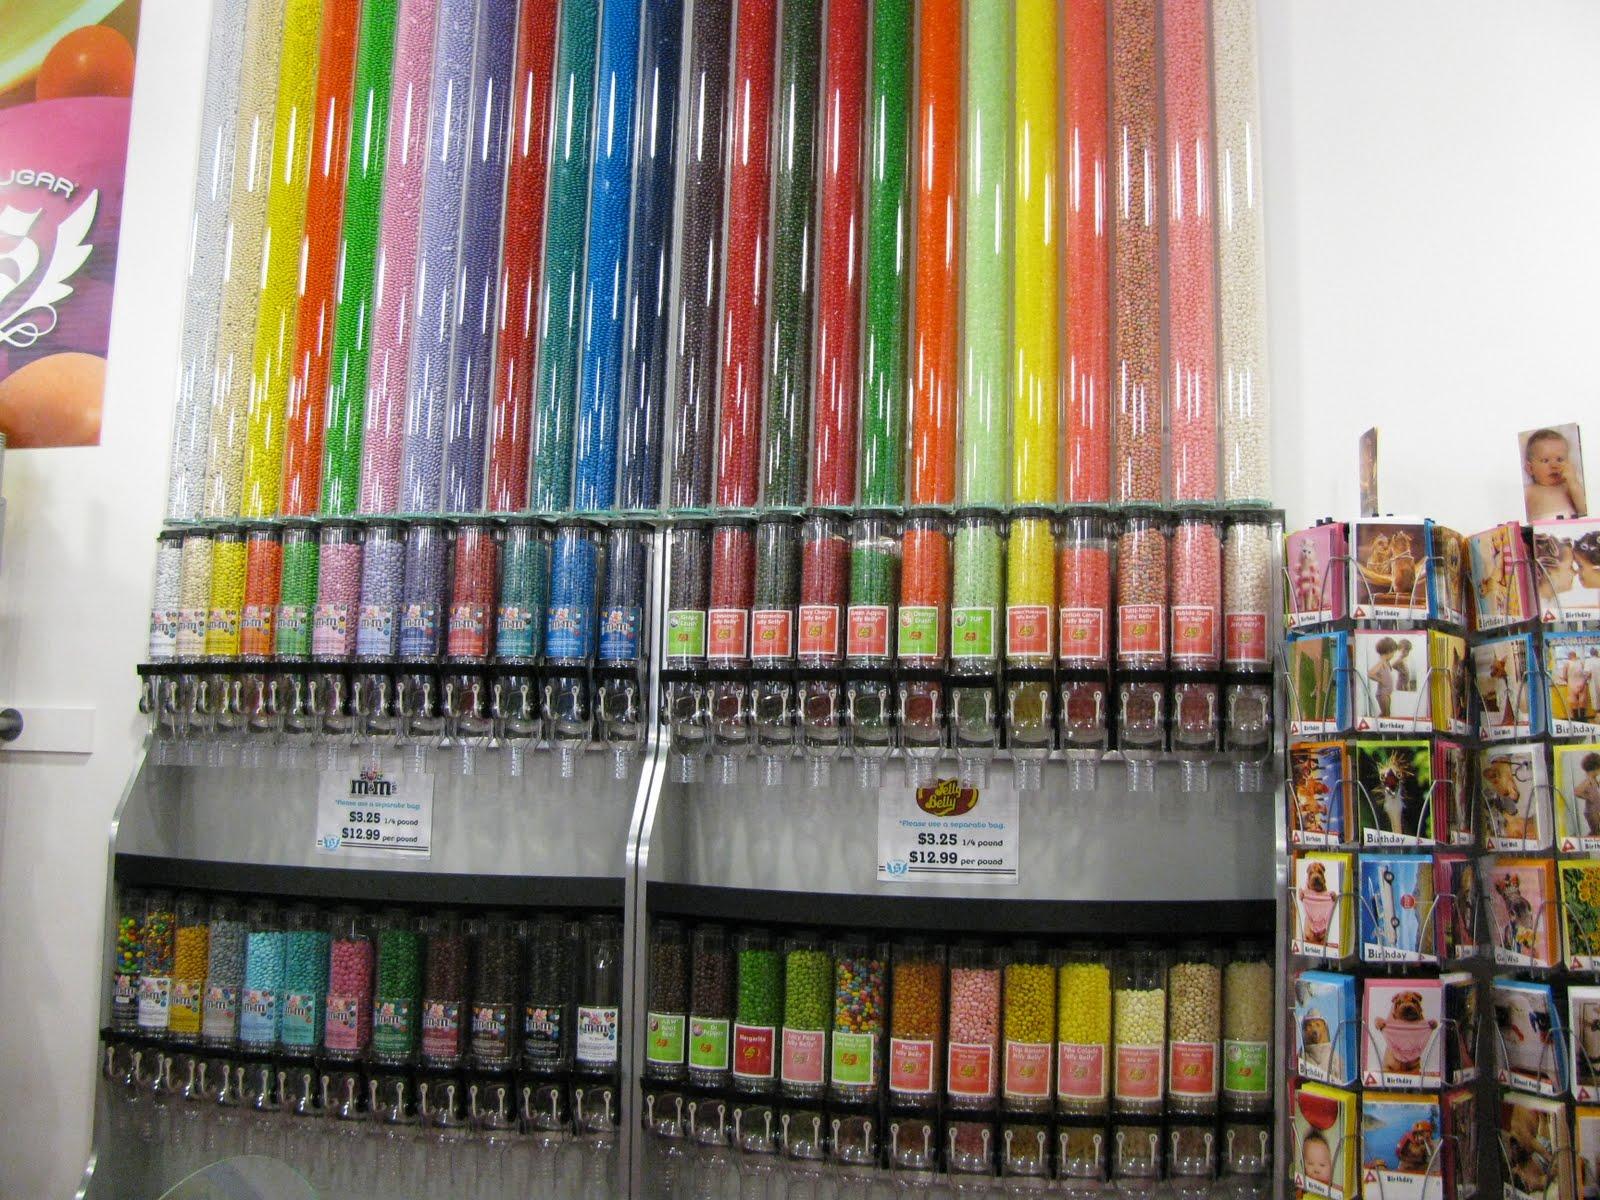 http://3.bp.blogspot.com/_kEvUNPRz4pA/S86Dpjs0SiI/AAAAAAAAFlU/nc_5pzlgkLg/s1600/candy+store!+004.jpg